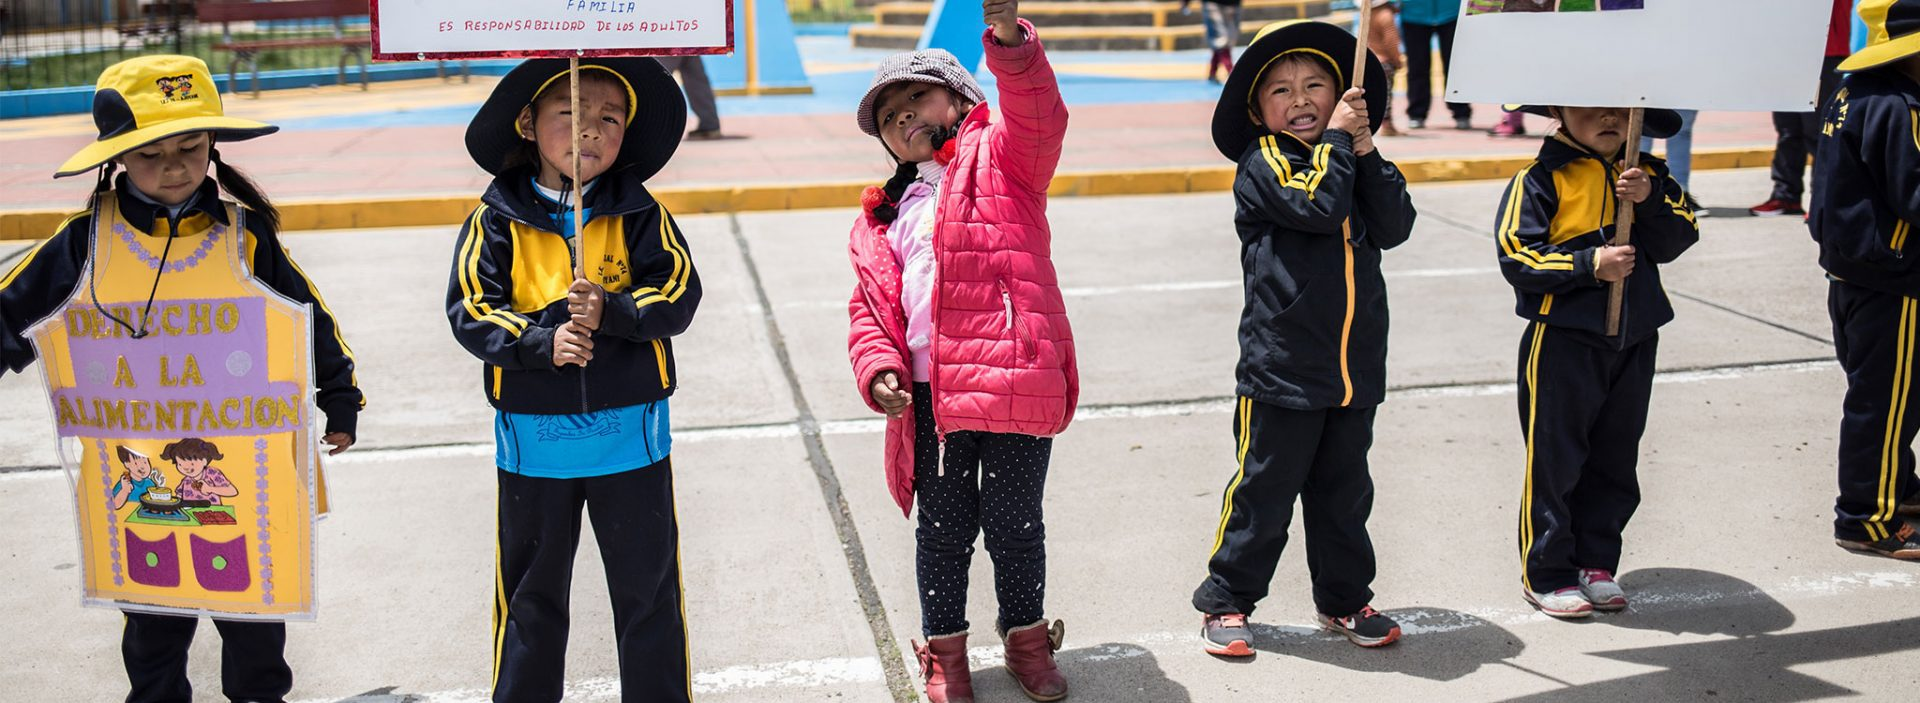 Children protesting in Peru